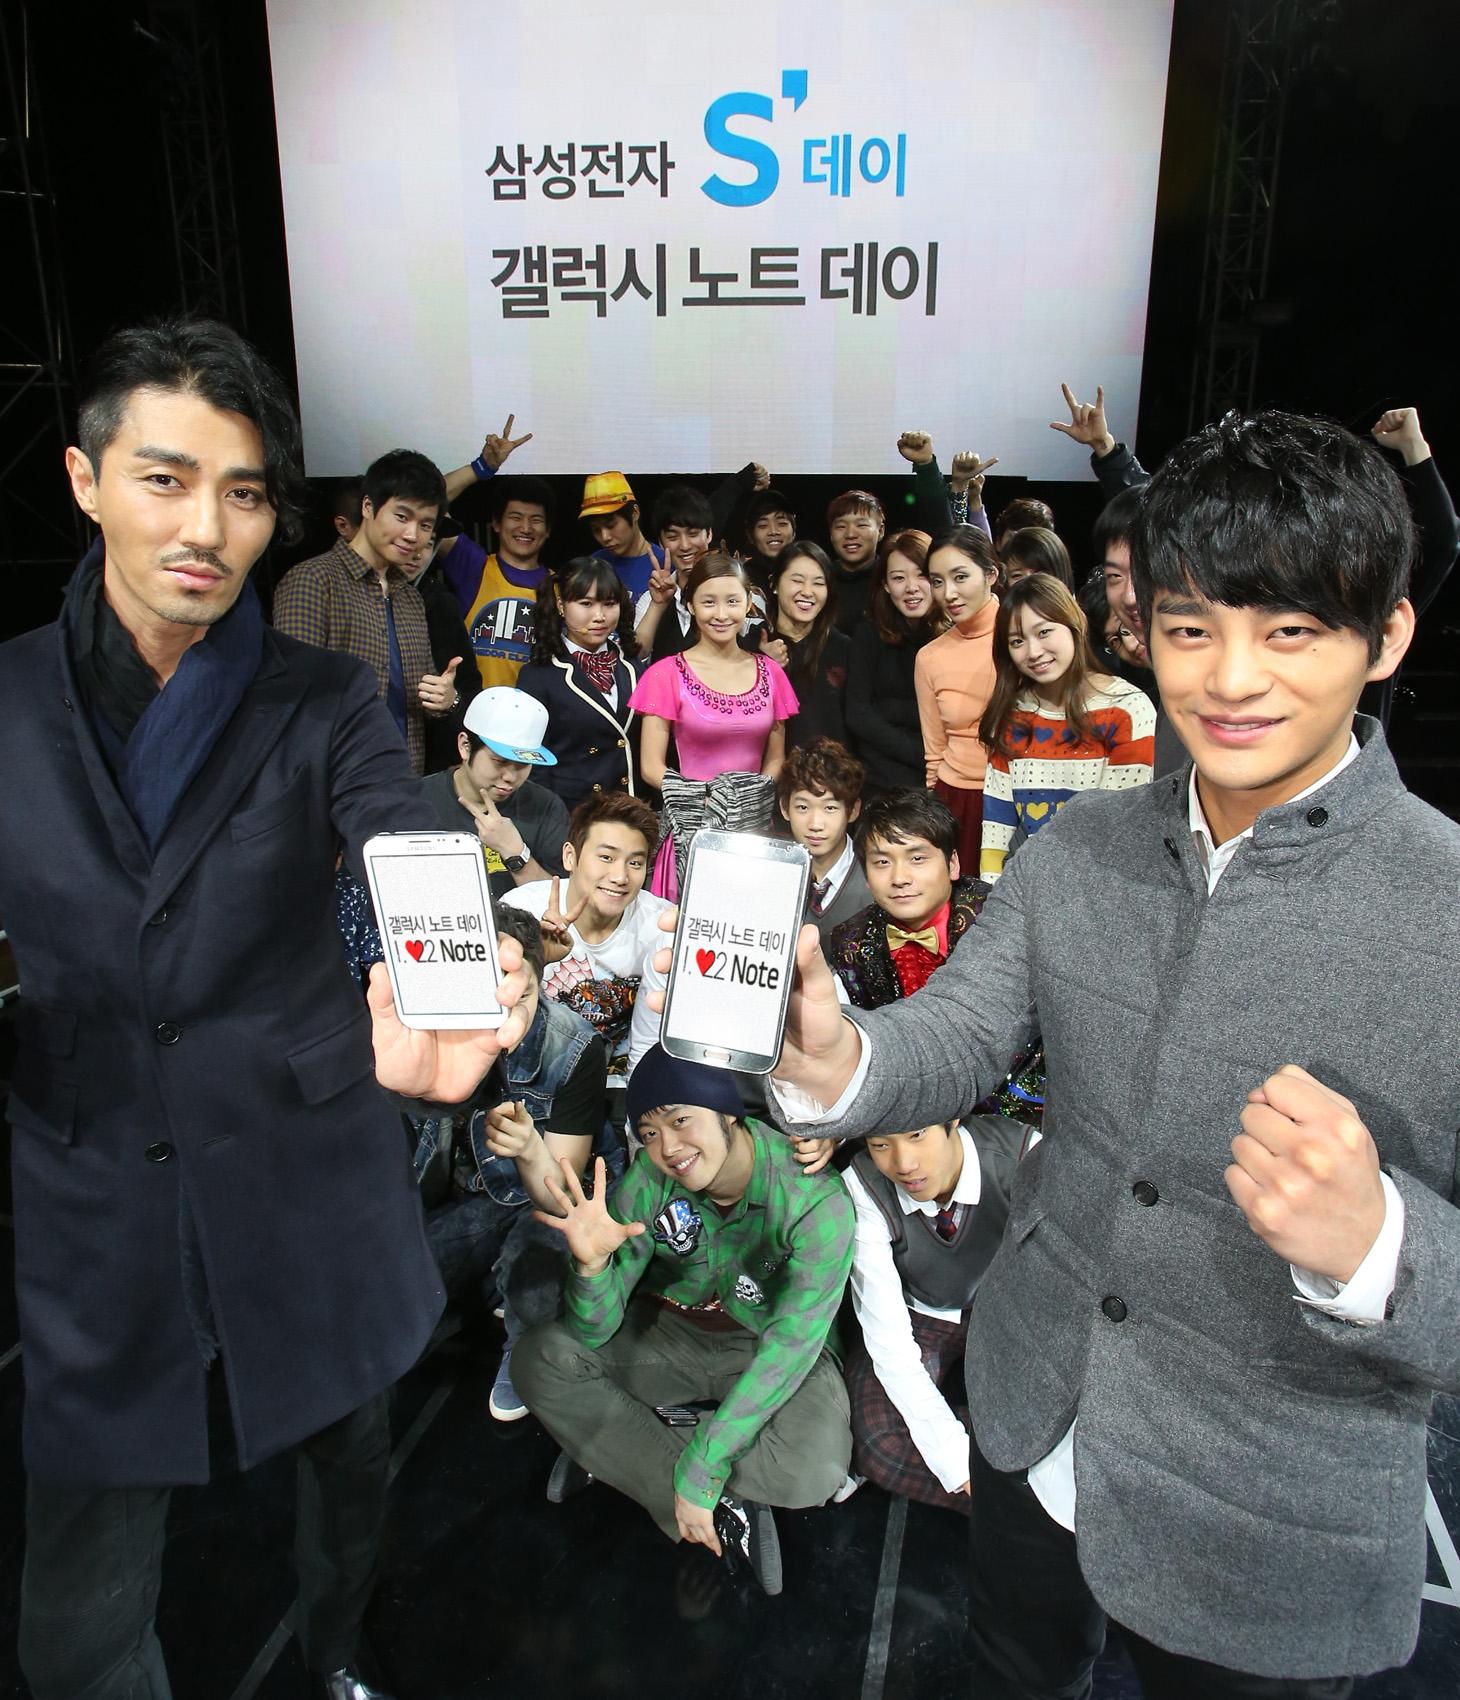 갤럭시노트데이의 공연팀 단체사진